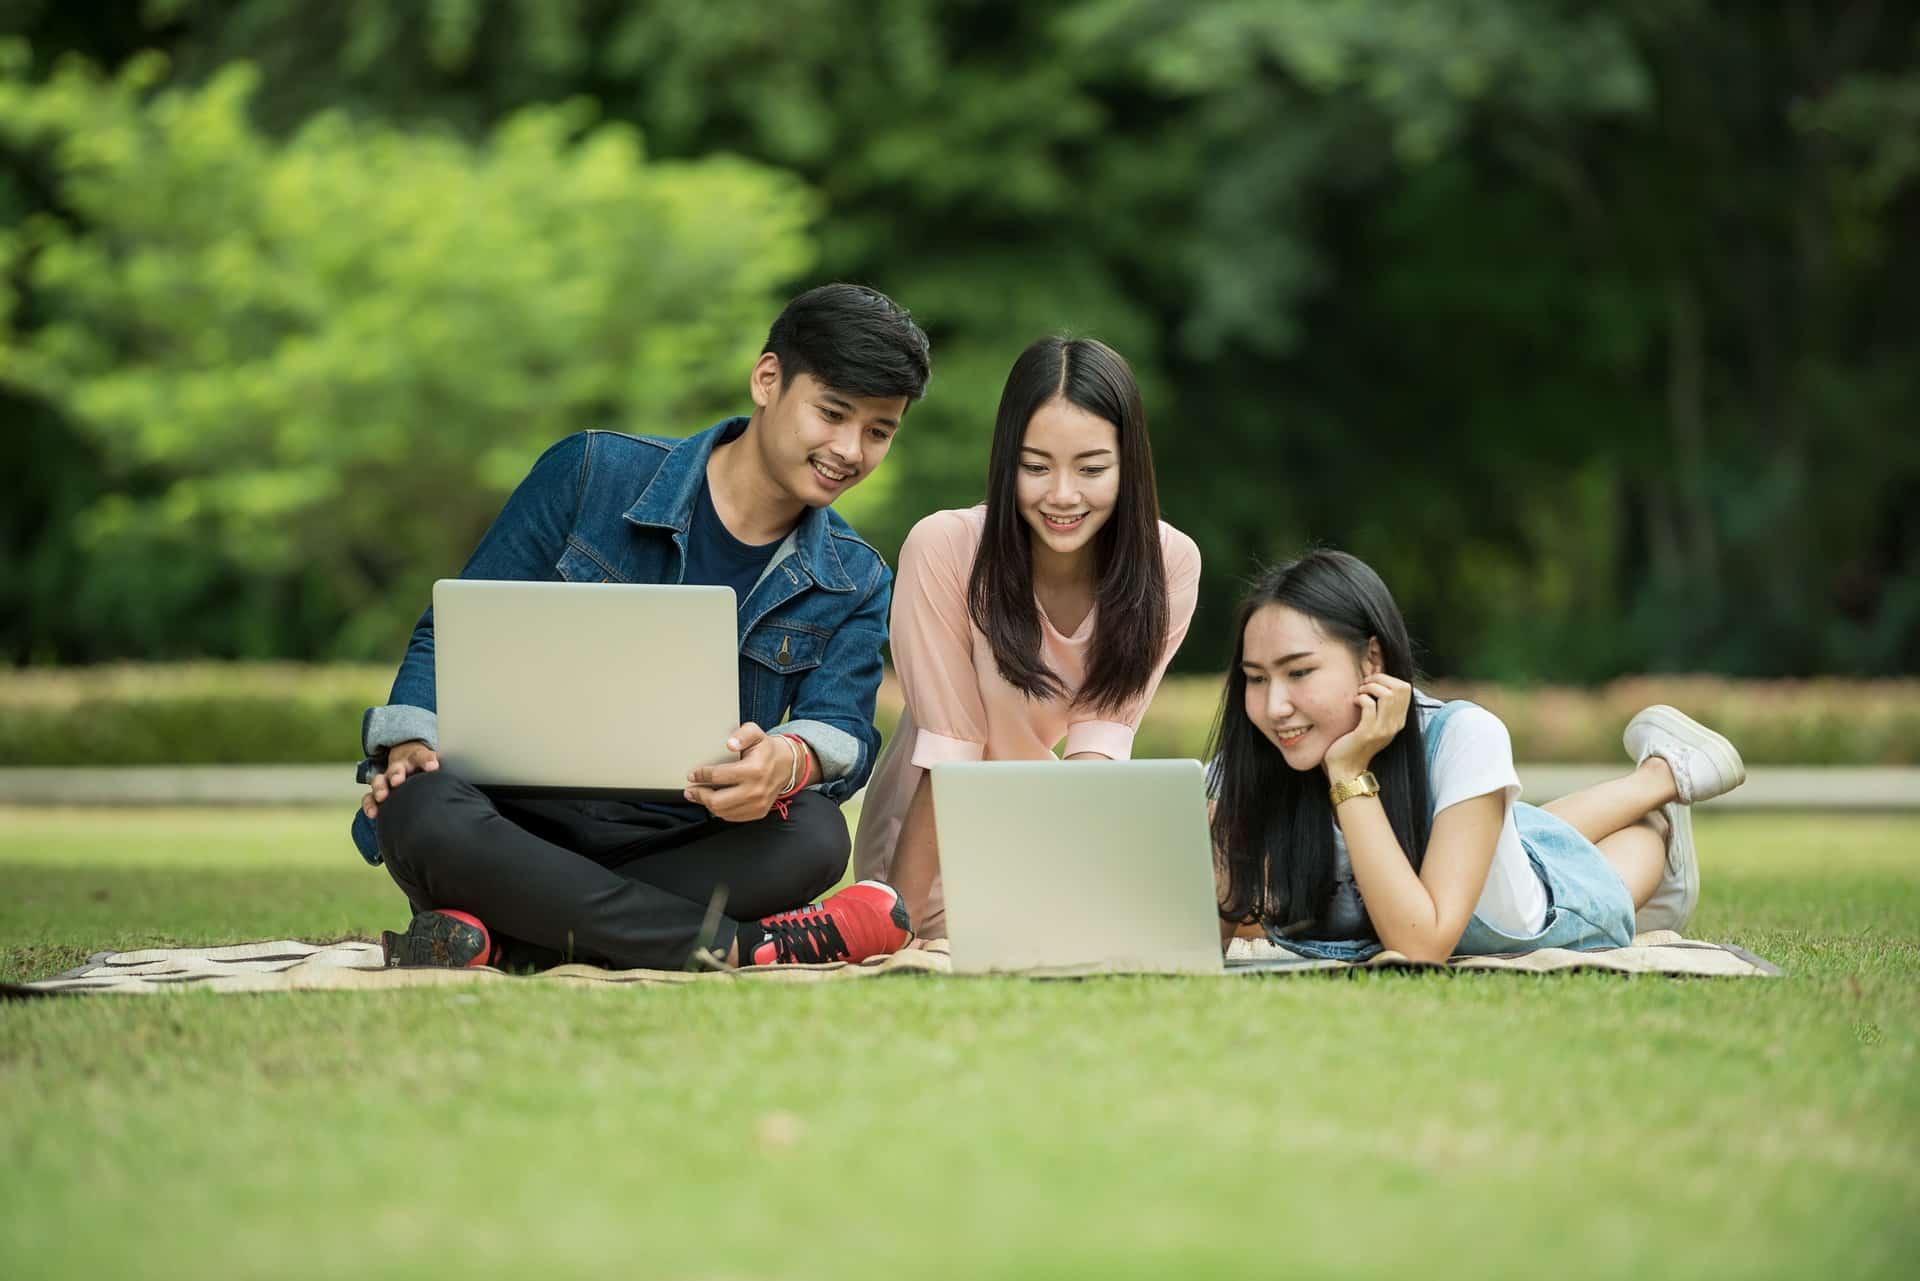 Best VPN for school & college students to unblock websites | Comparitech